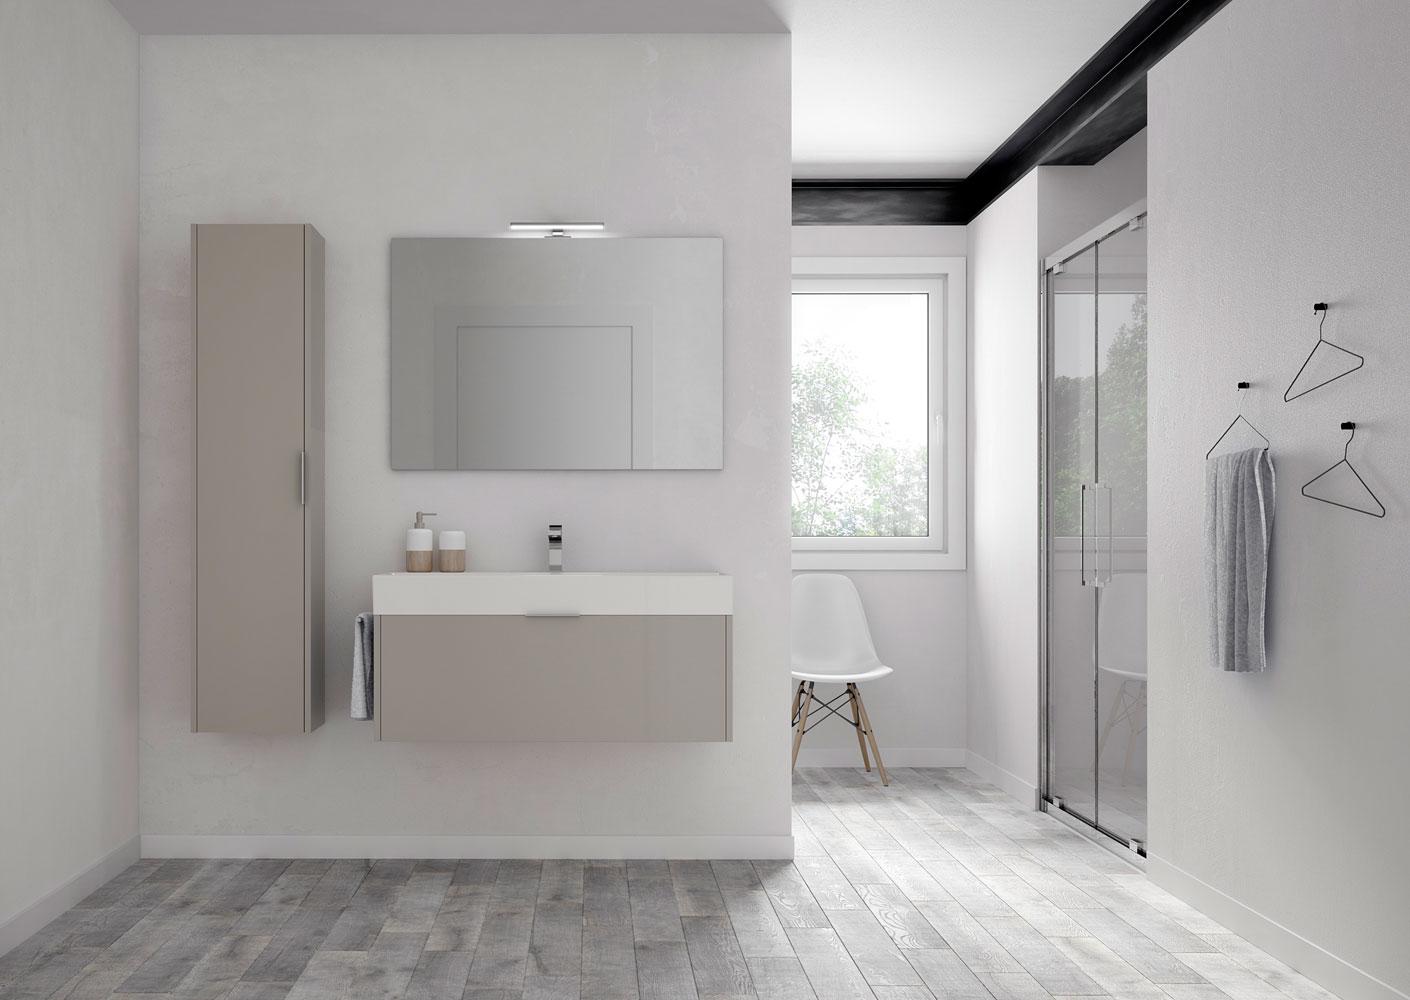 Mobili bagno basic stile minimalista e funzionali ideagroup for Immagini di arredo bagno